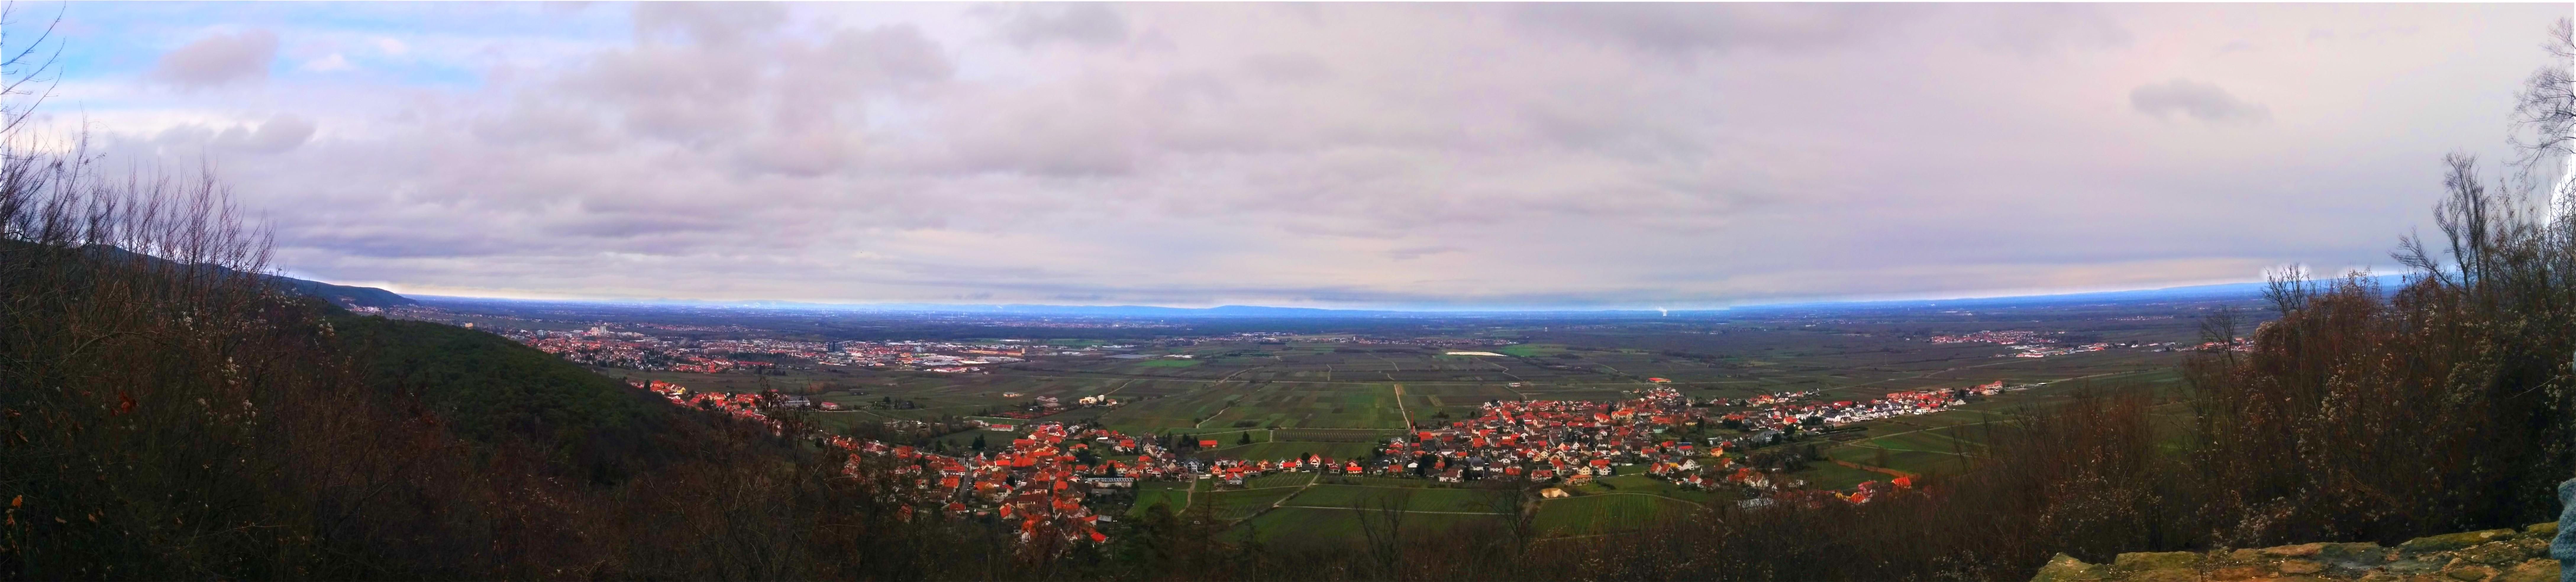 DB0NW Ausblick über die Rheinebene